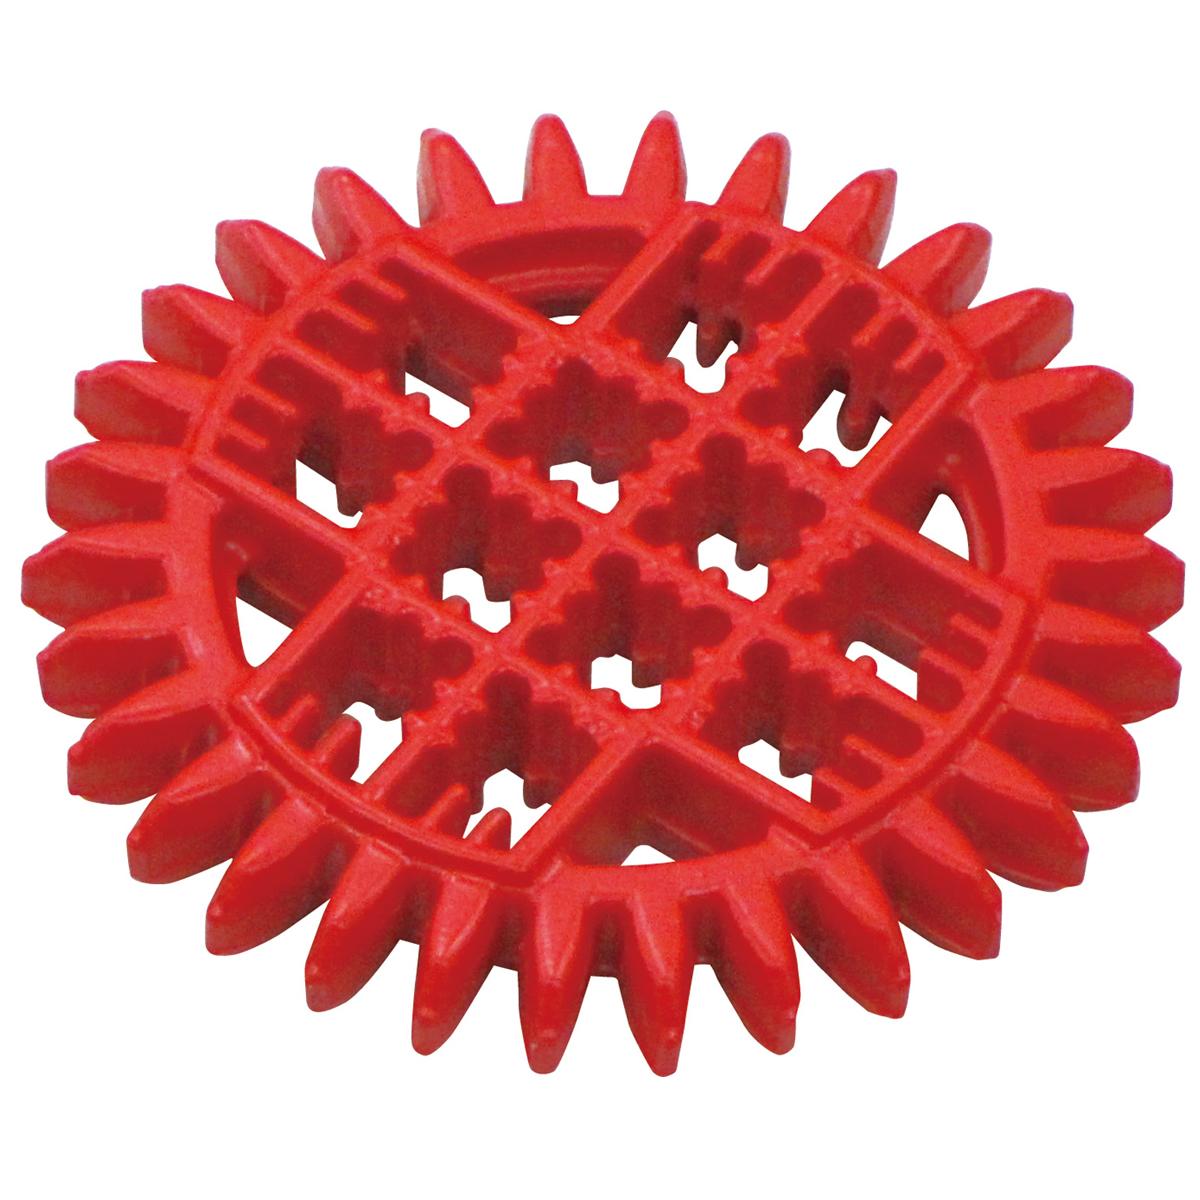 アーテックブロック部品 ギヤ大 30歯 8pcs セット 日本製 知育玩具 歯車 ブロック 組み立て キッズ 幼児 レゴ・レゴブロックのように遊べます